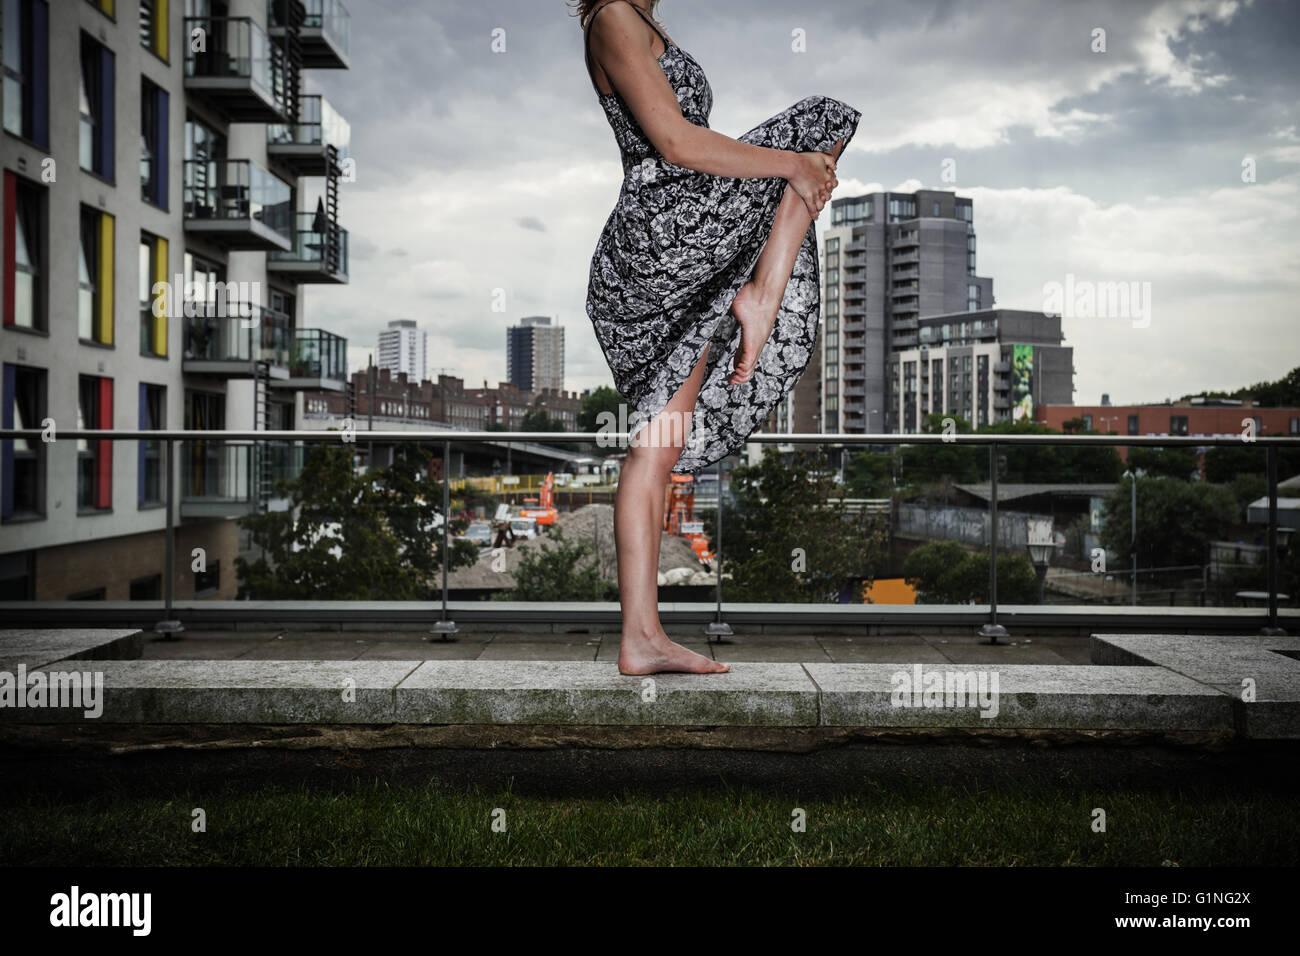 Una mujer joven que llevaba un vestido está levantando la pierna como ella está de pie sobre el techo Imagen De Stock